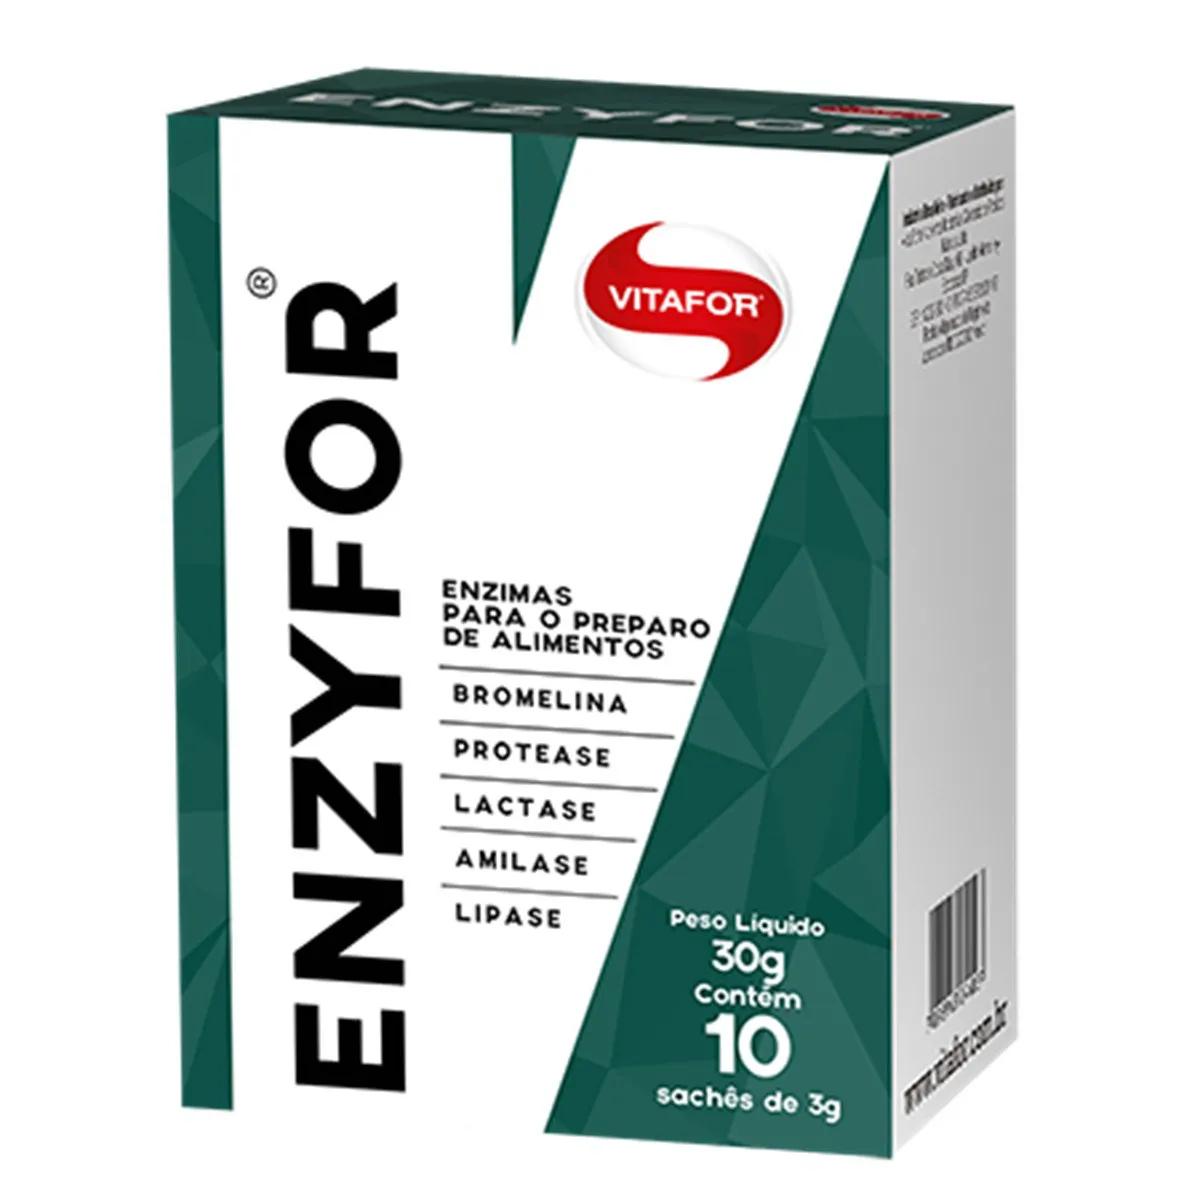 Enzyfor 10 sachês de 3g cada - Vitafor